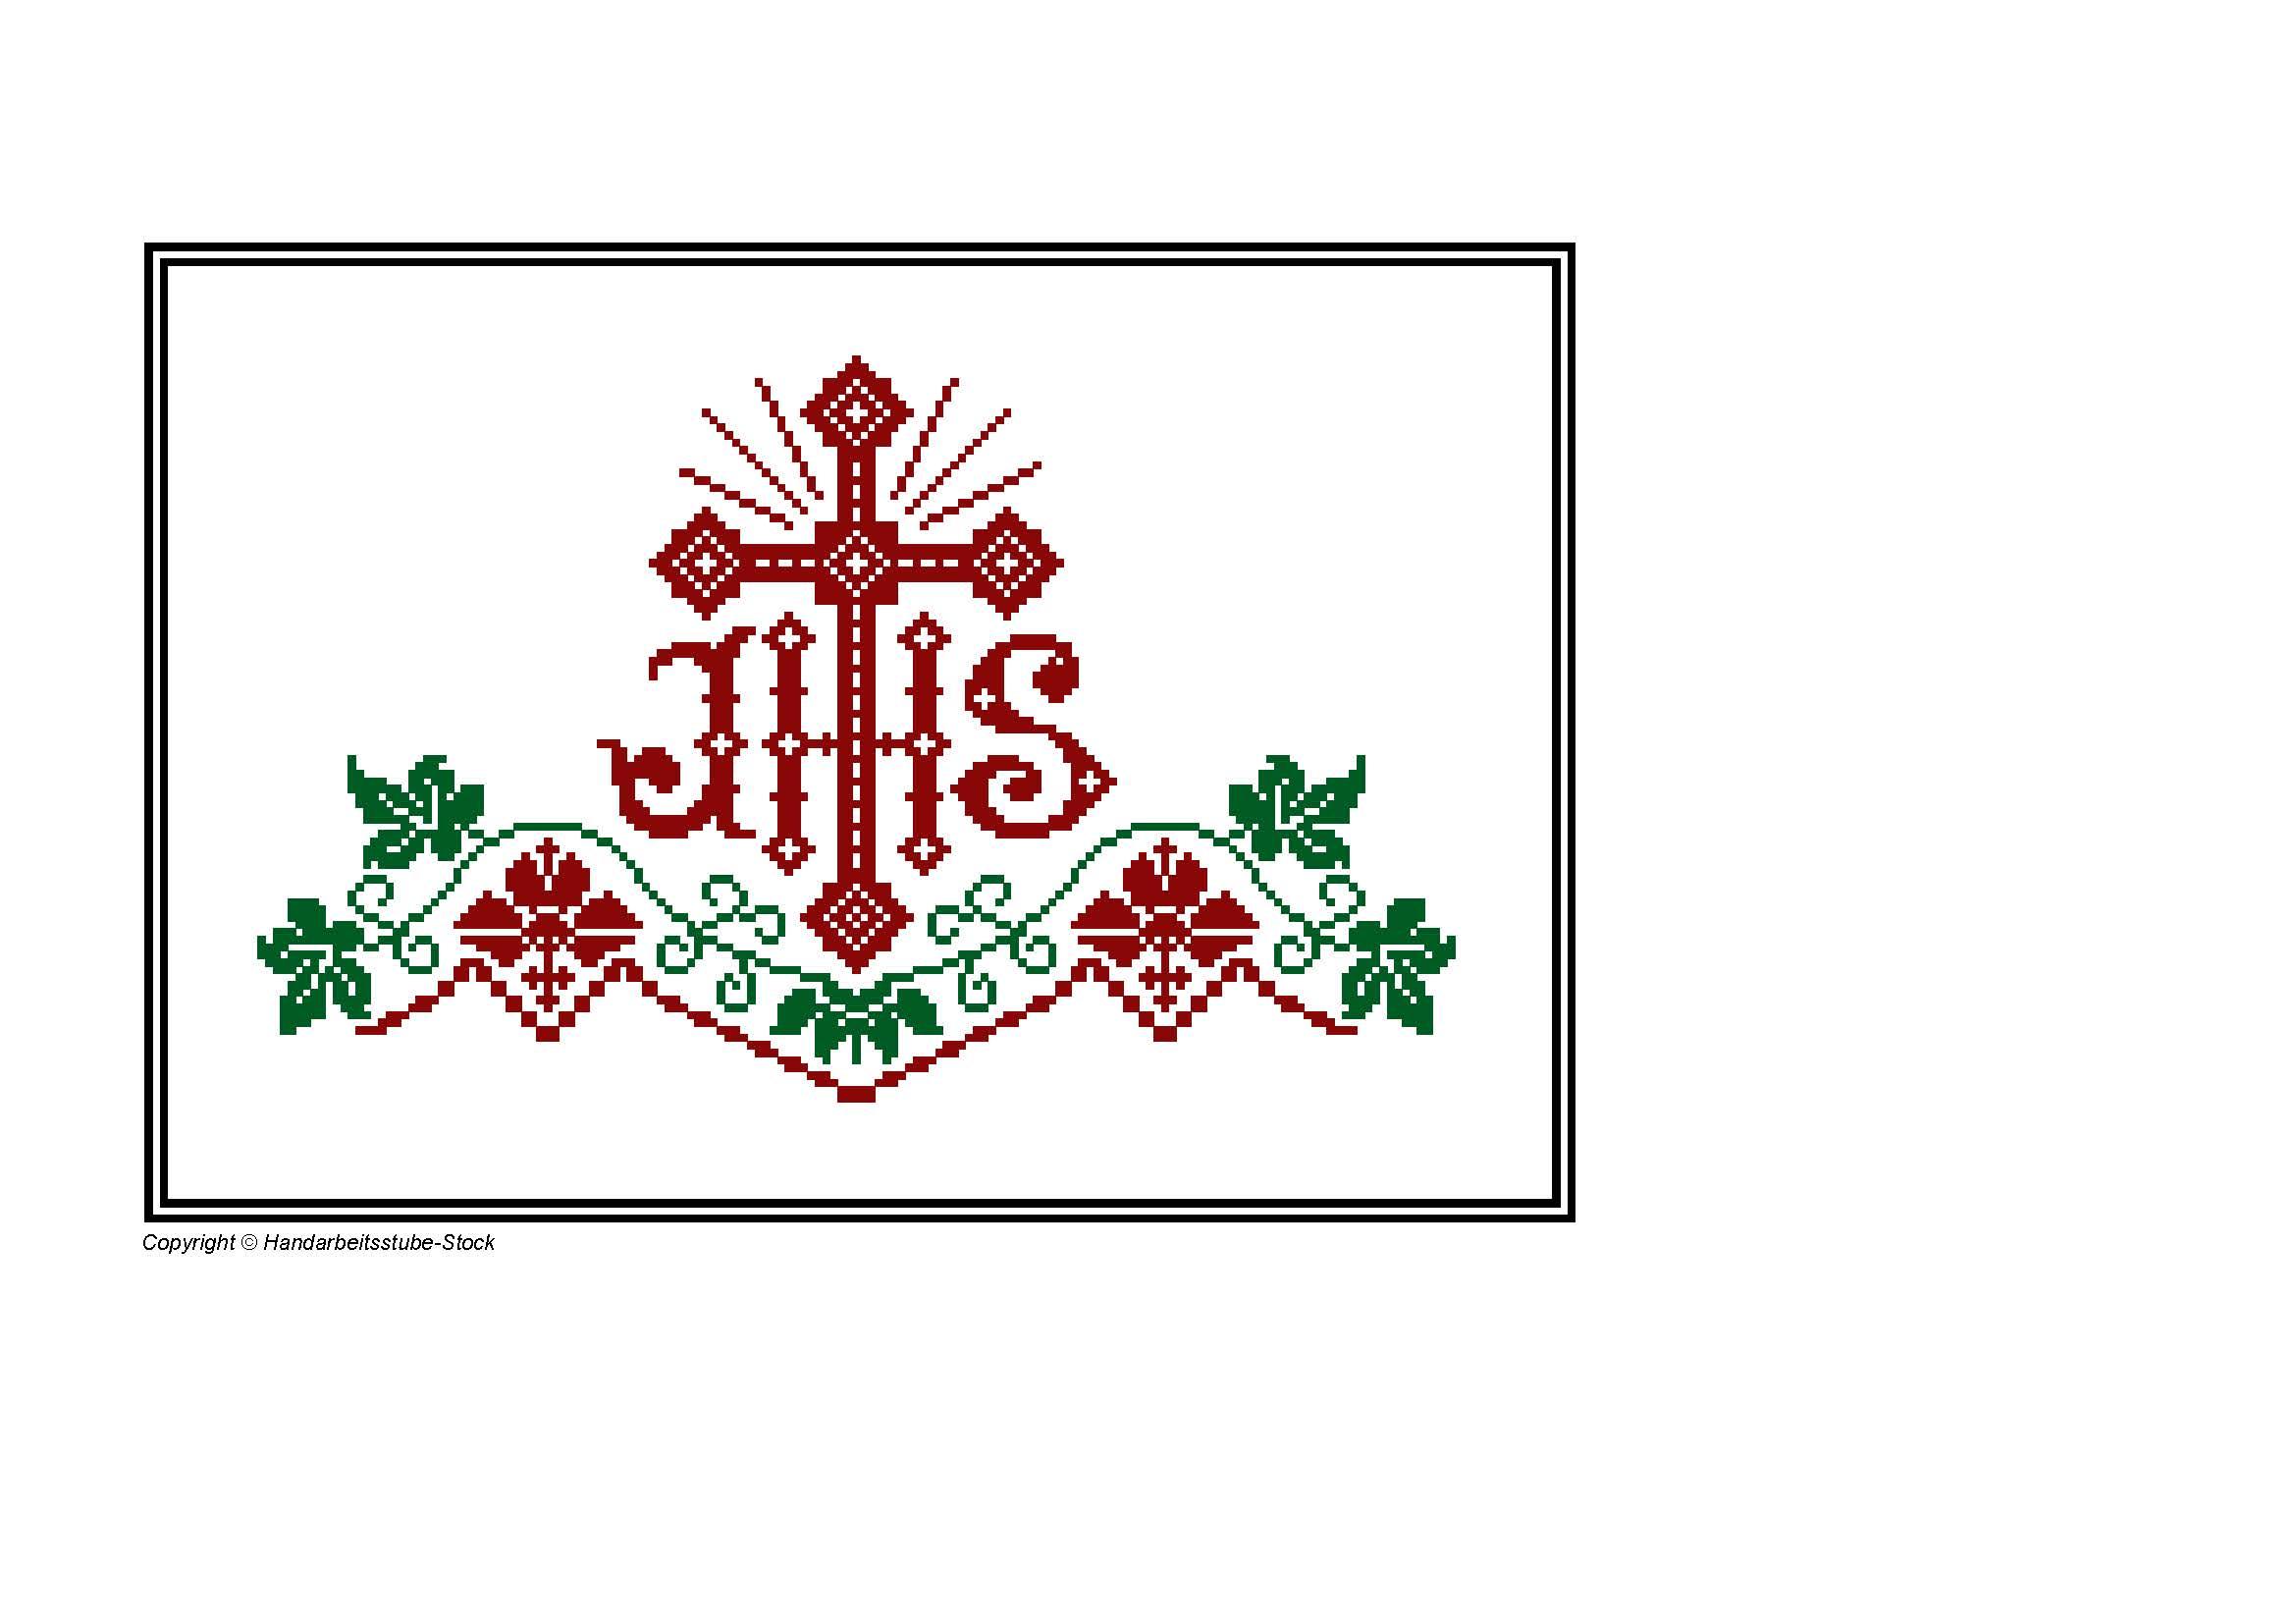 Herrgottswinkel - IHS